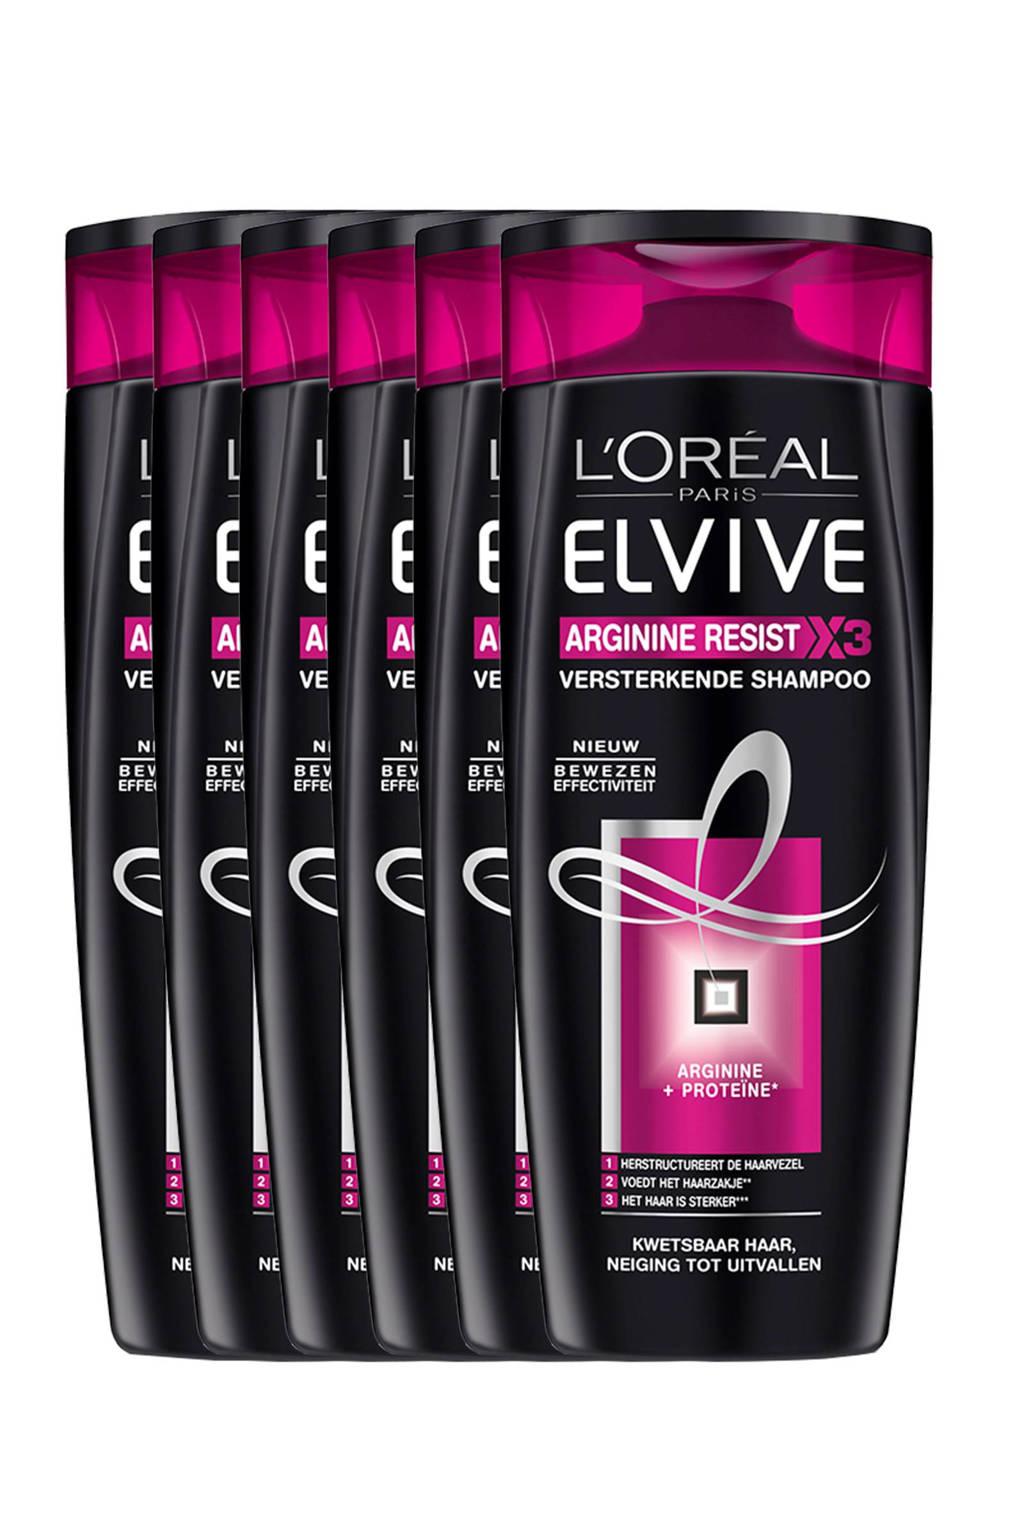 L'Oréal Paris Elvive Arginine Resist shampoo - 6x 250ml multiverpakking, 6 x 250 ml